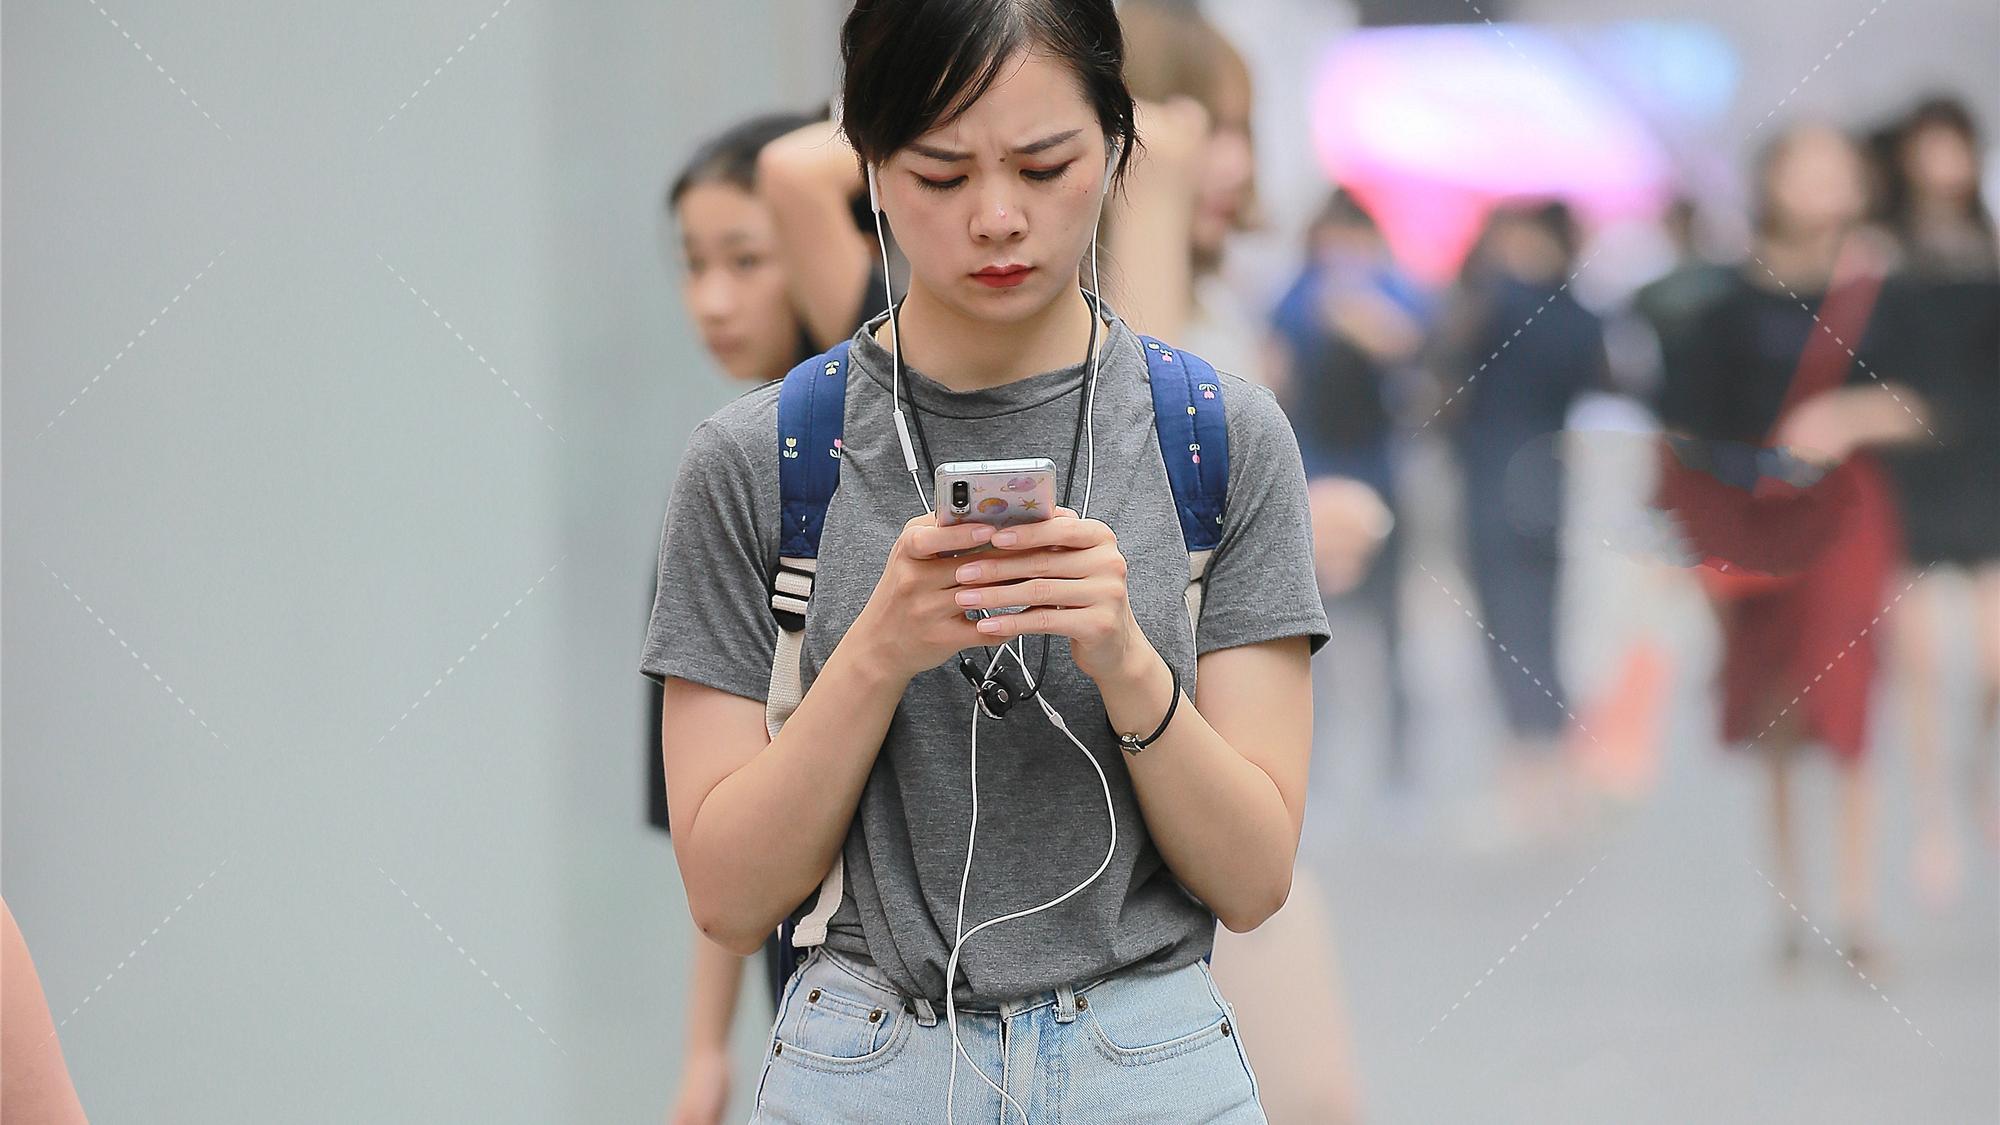 灰色圆领T恤短袖设计,纯棉材质宽松版型,搭配一双小白鞋非常青春